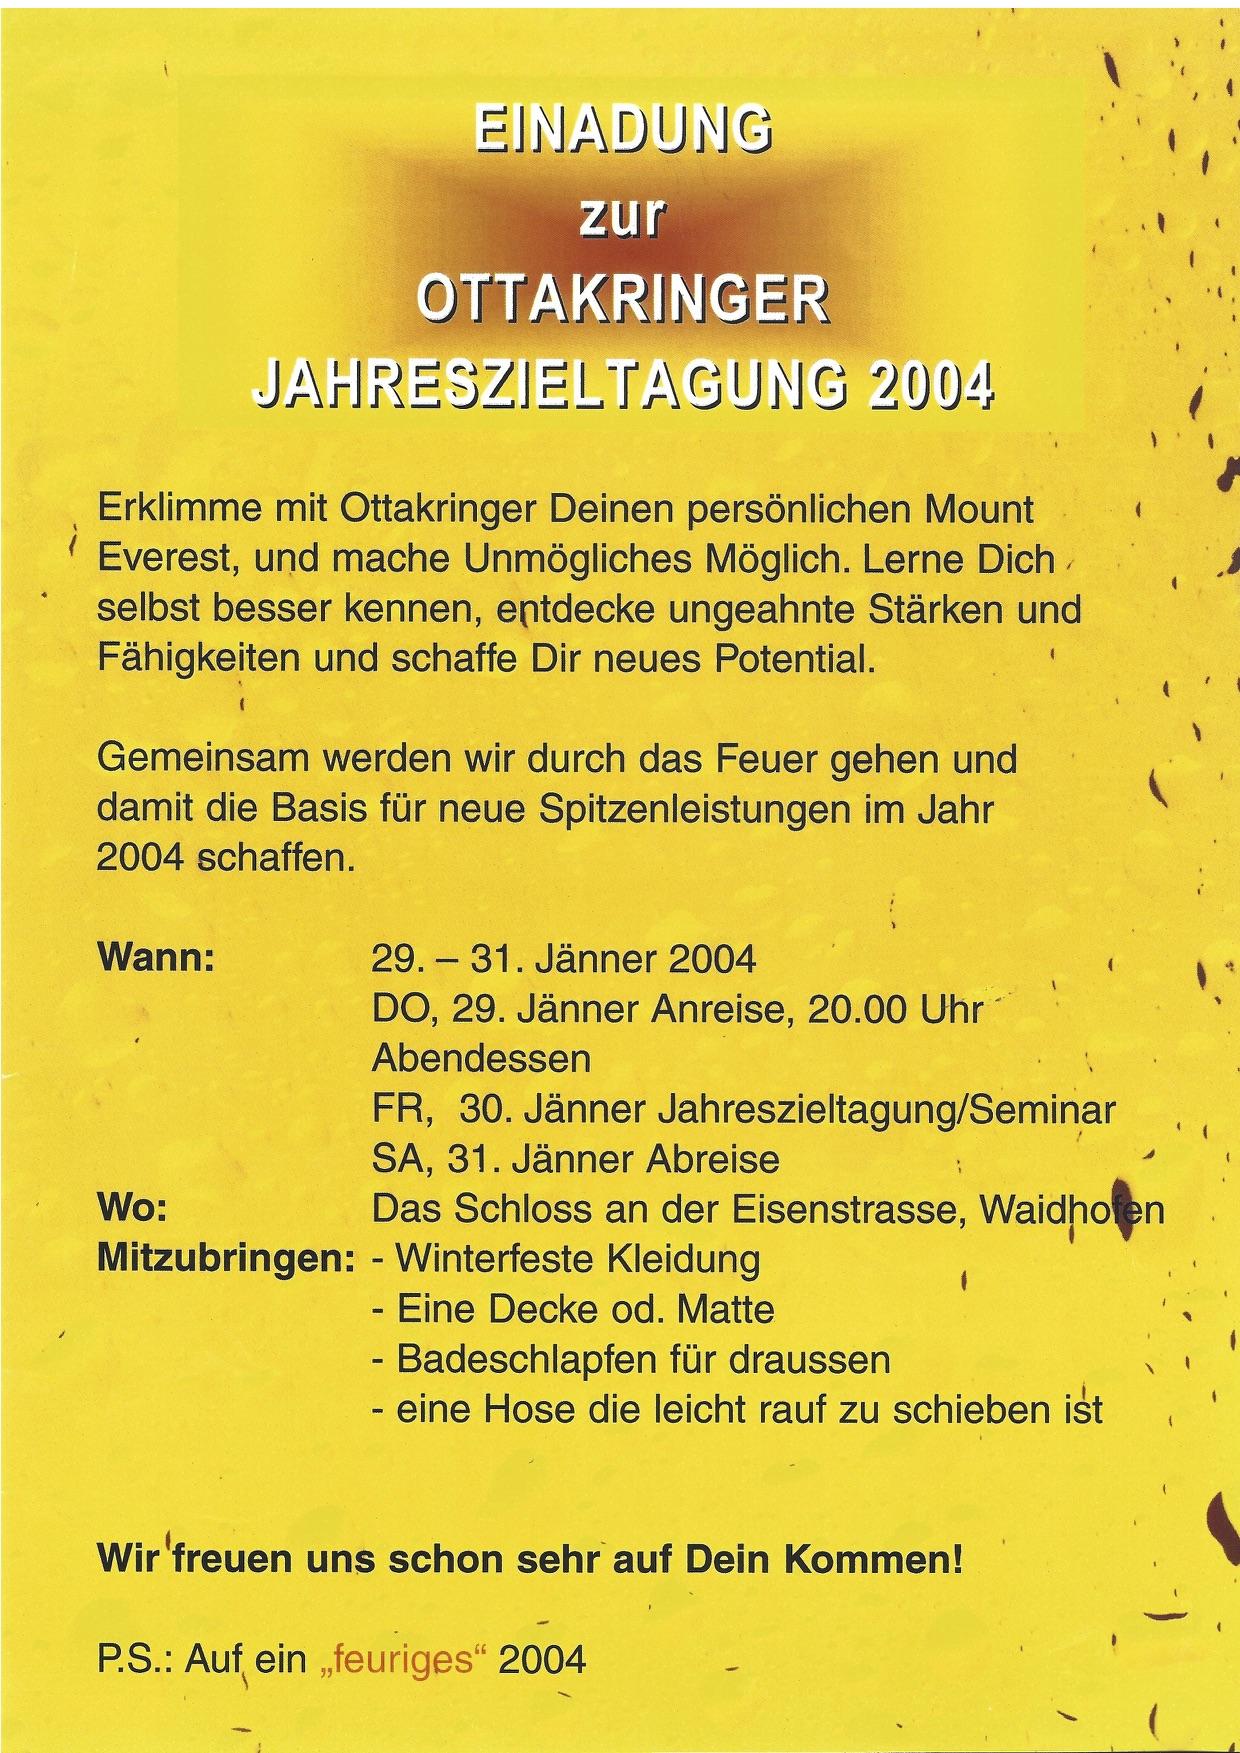 Brauerei Ottakringer läuft Barfuß über glühende Kohlen. Teambuilding und Feuerlauf mit Martin Winkelhofer, www.feuerlauf-seminar.at